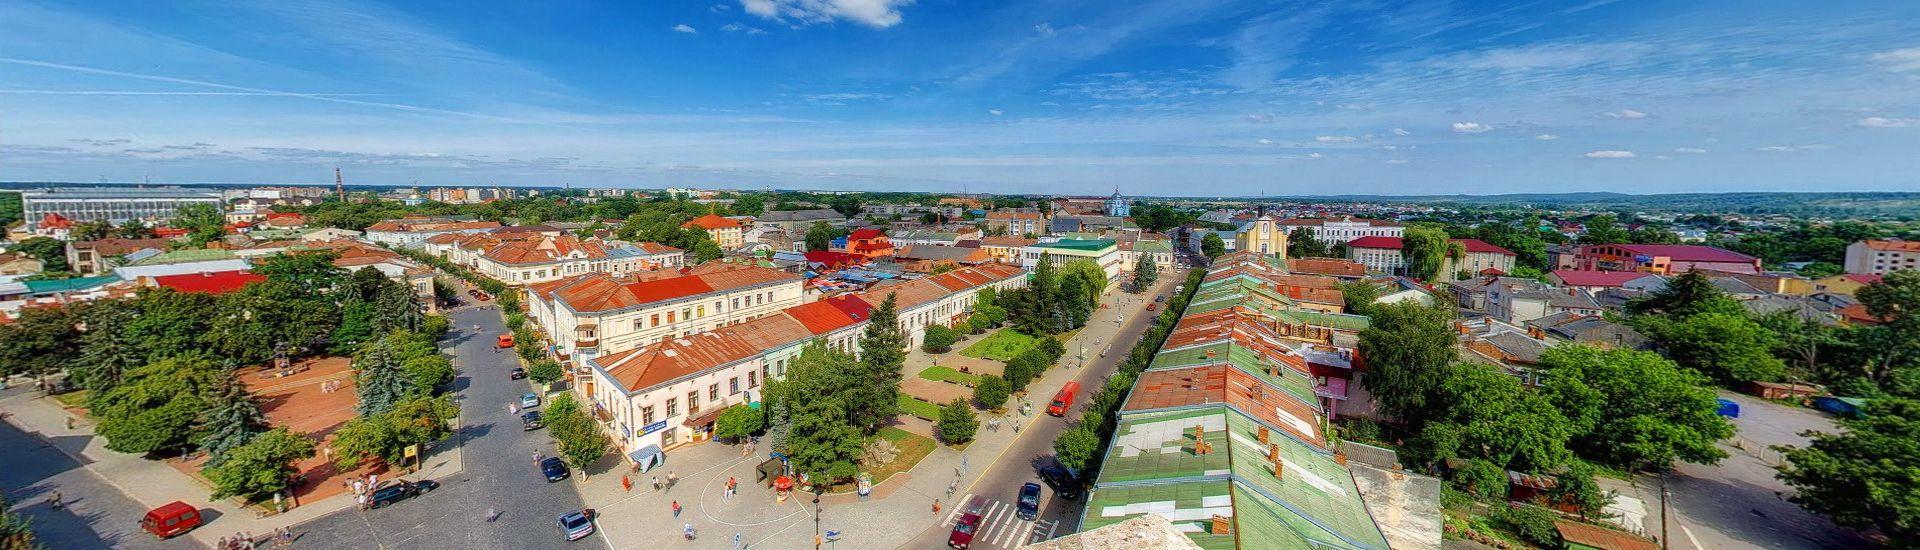 Панорама міста Коломия